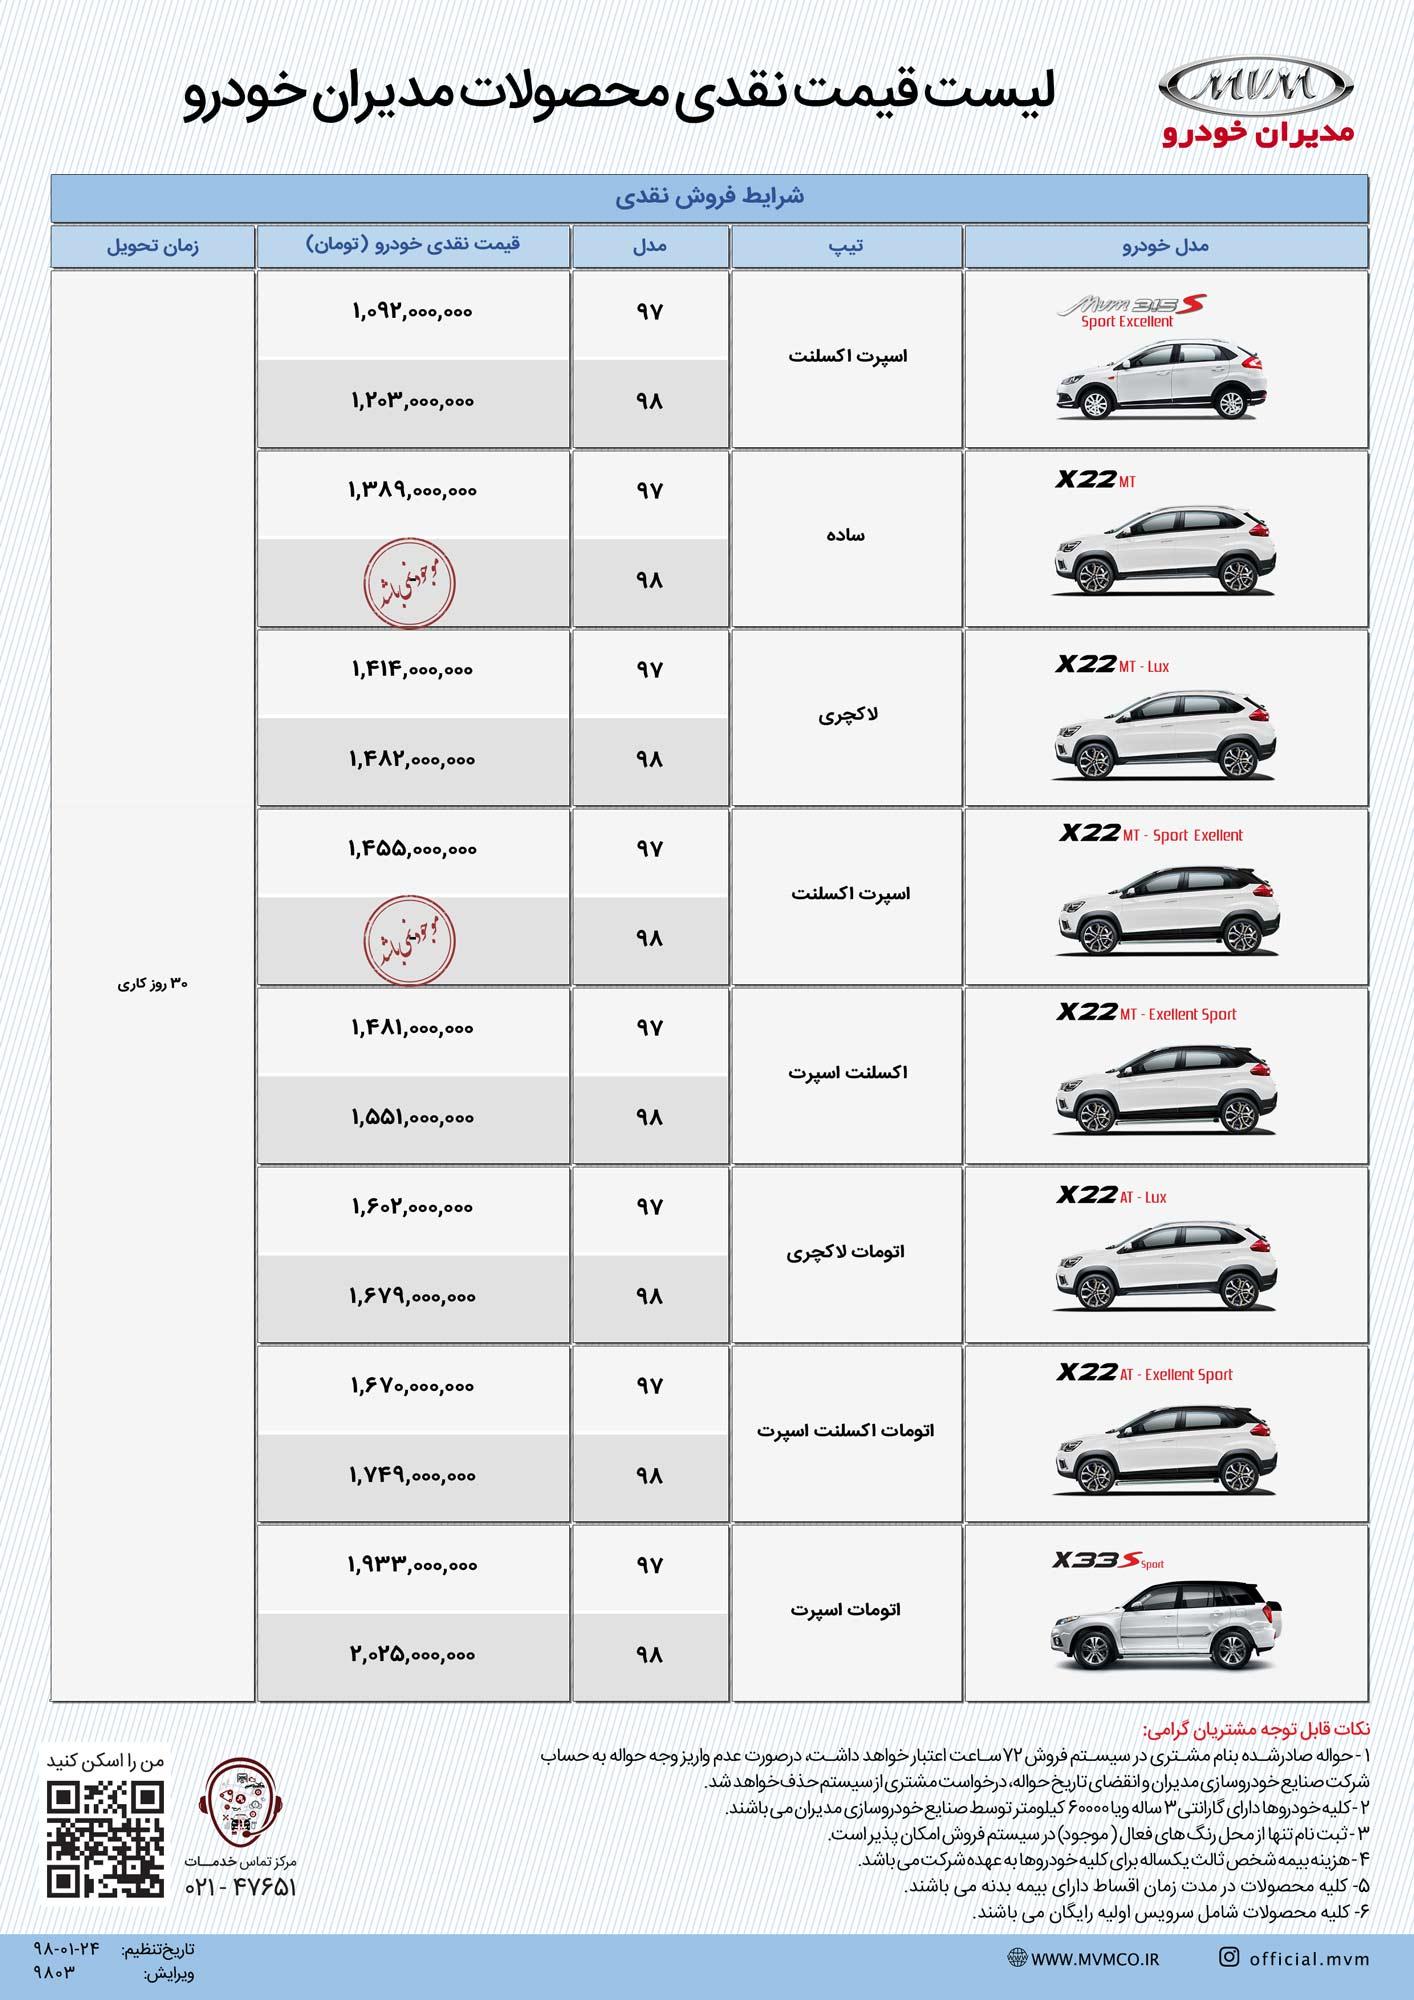 فروش فوری محصولات مدیران خودرو بهار ۹۸؛ اقساط ۴۸ ماه